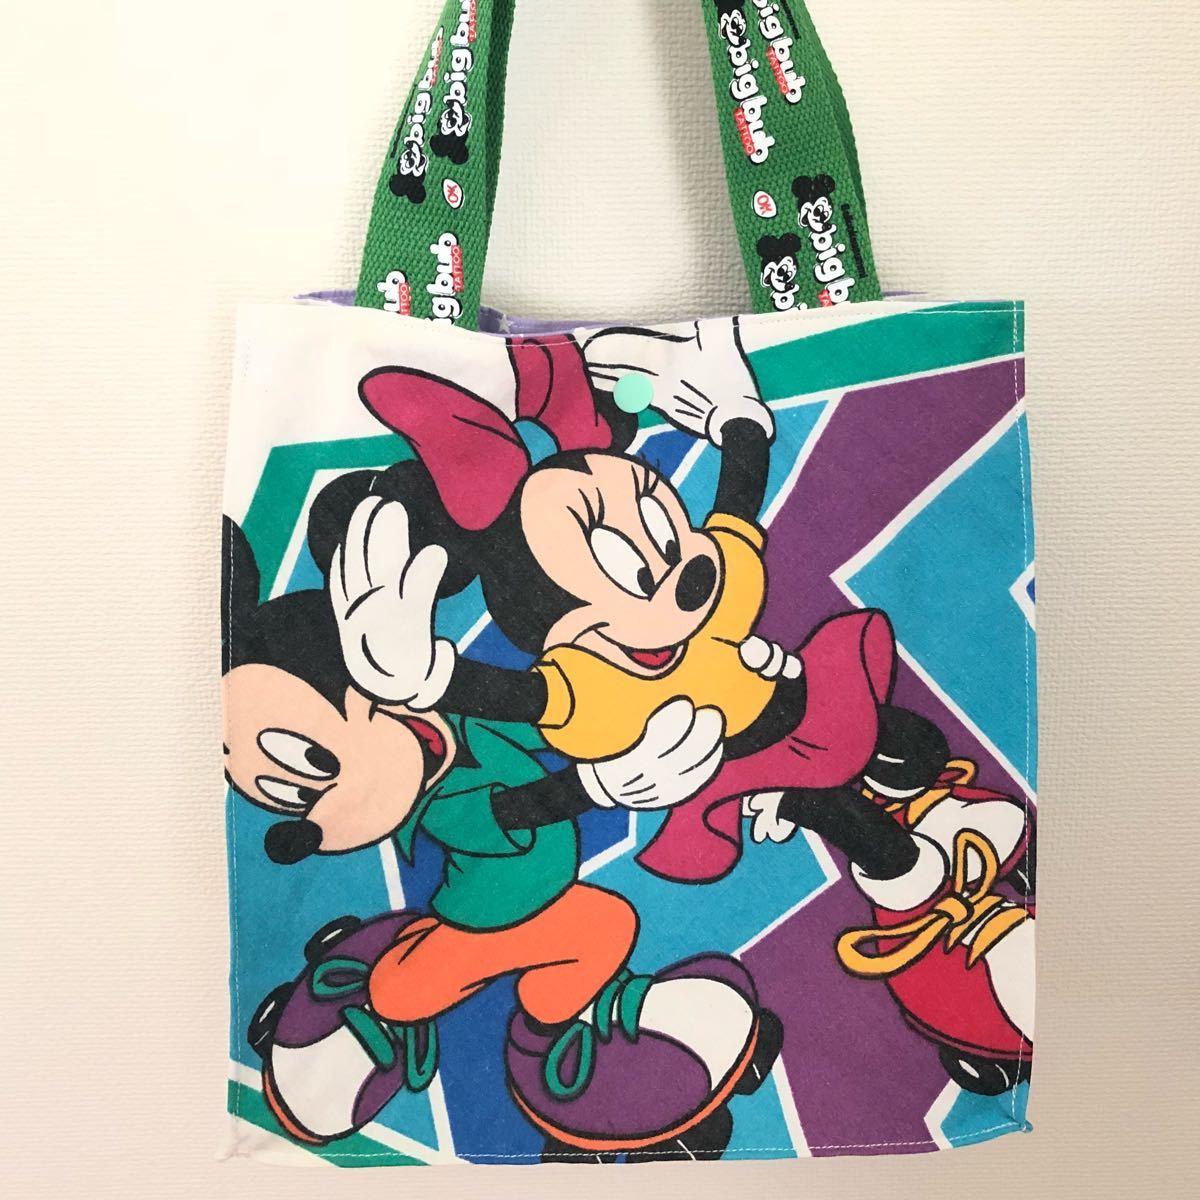 ハンドメイドバッグ トートバッグ お散歩バッグ ランチバッグ 紙袋風バッグ ミキミニ ディズニー